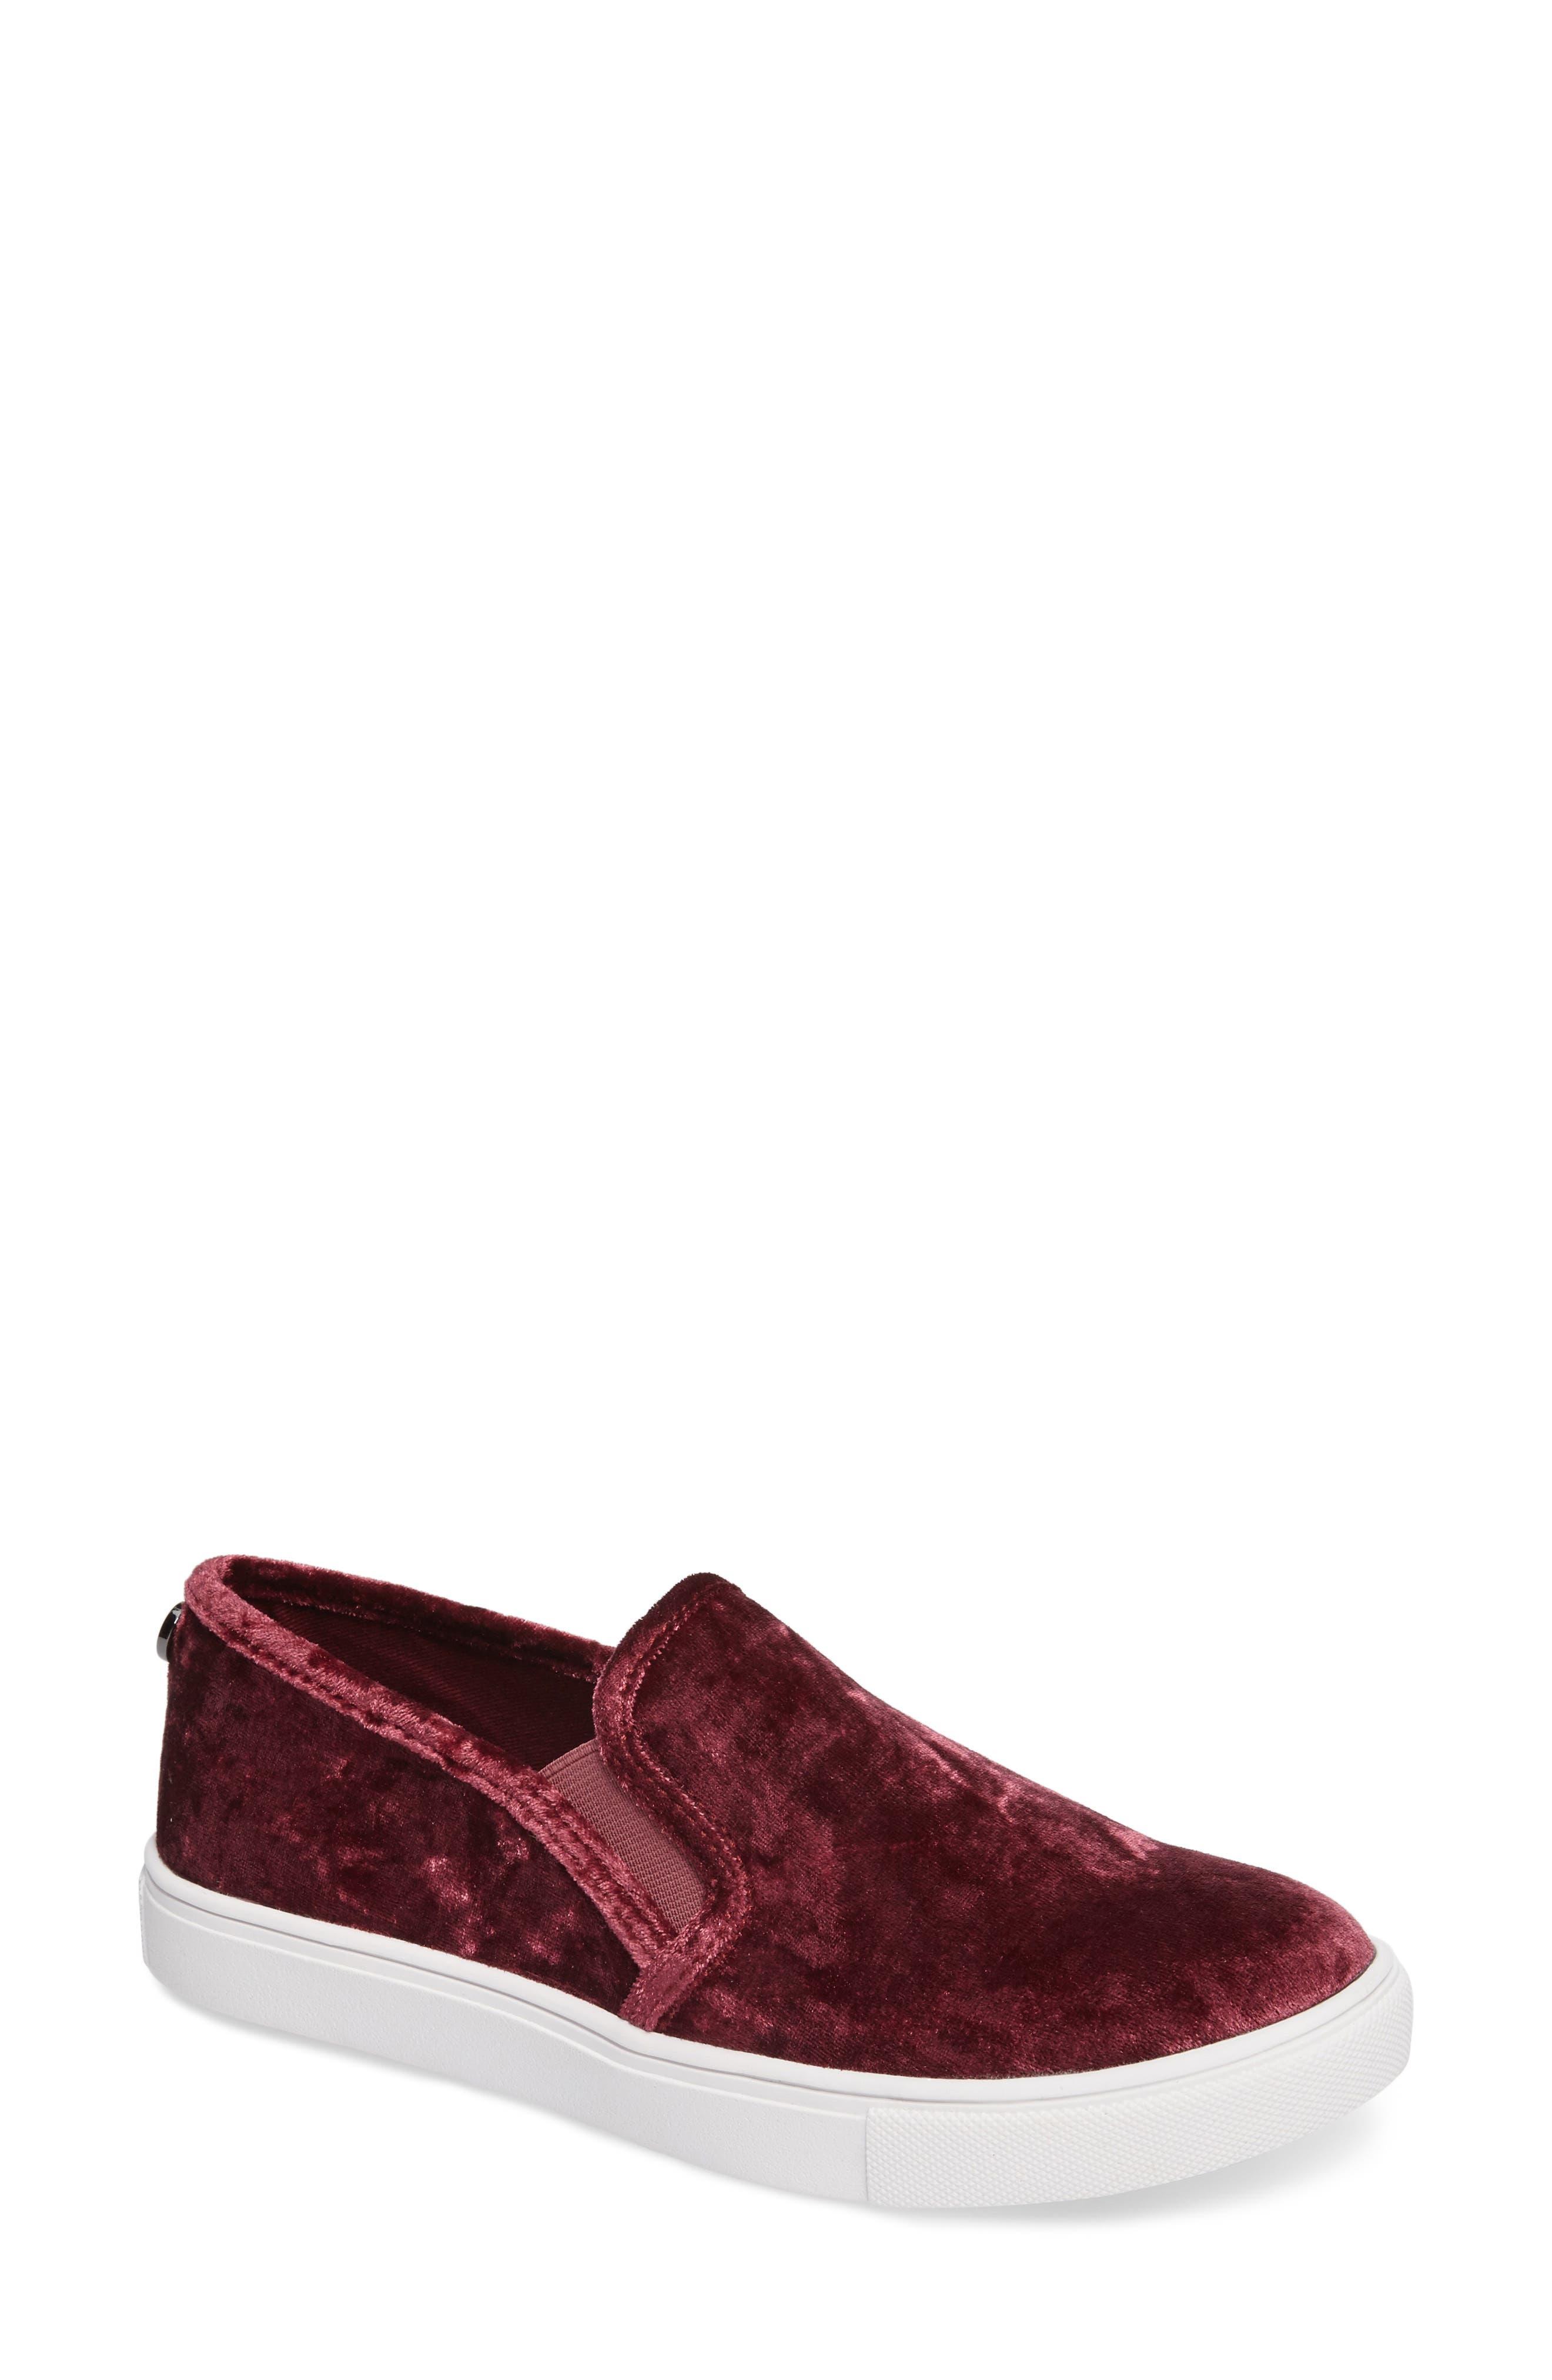 Alternate Image 1 Selected - Steve Madden Ecntrcv Slip-On Sneaker (Women)